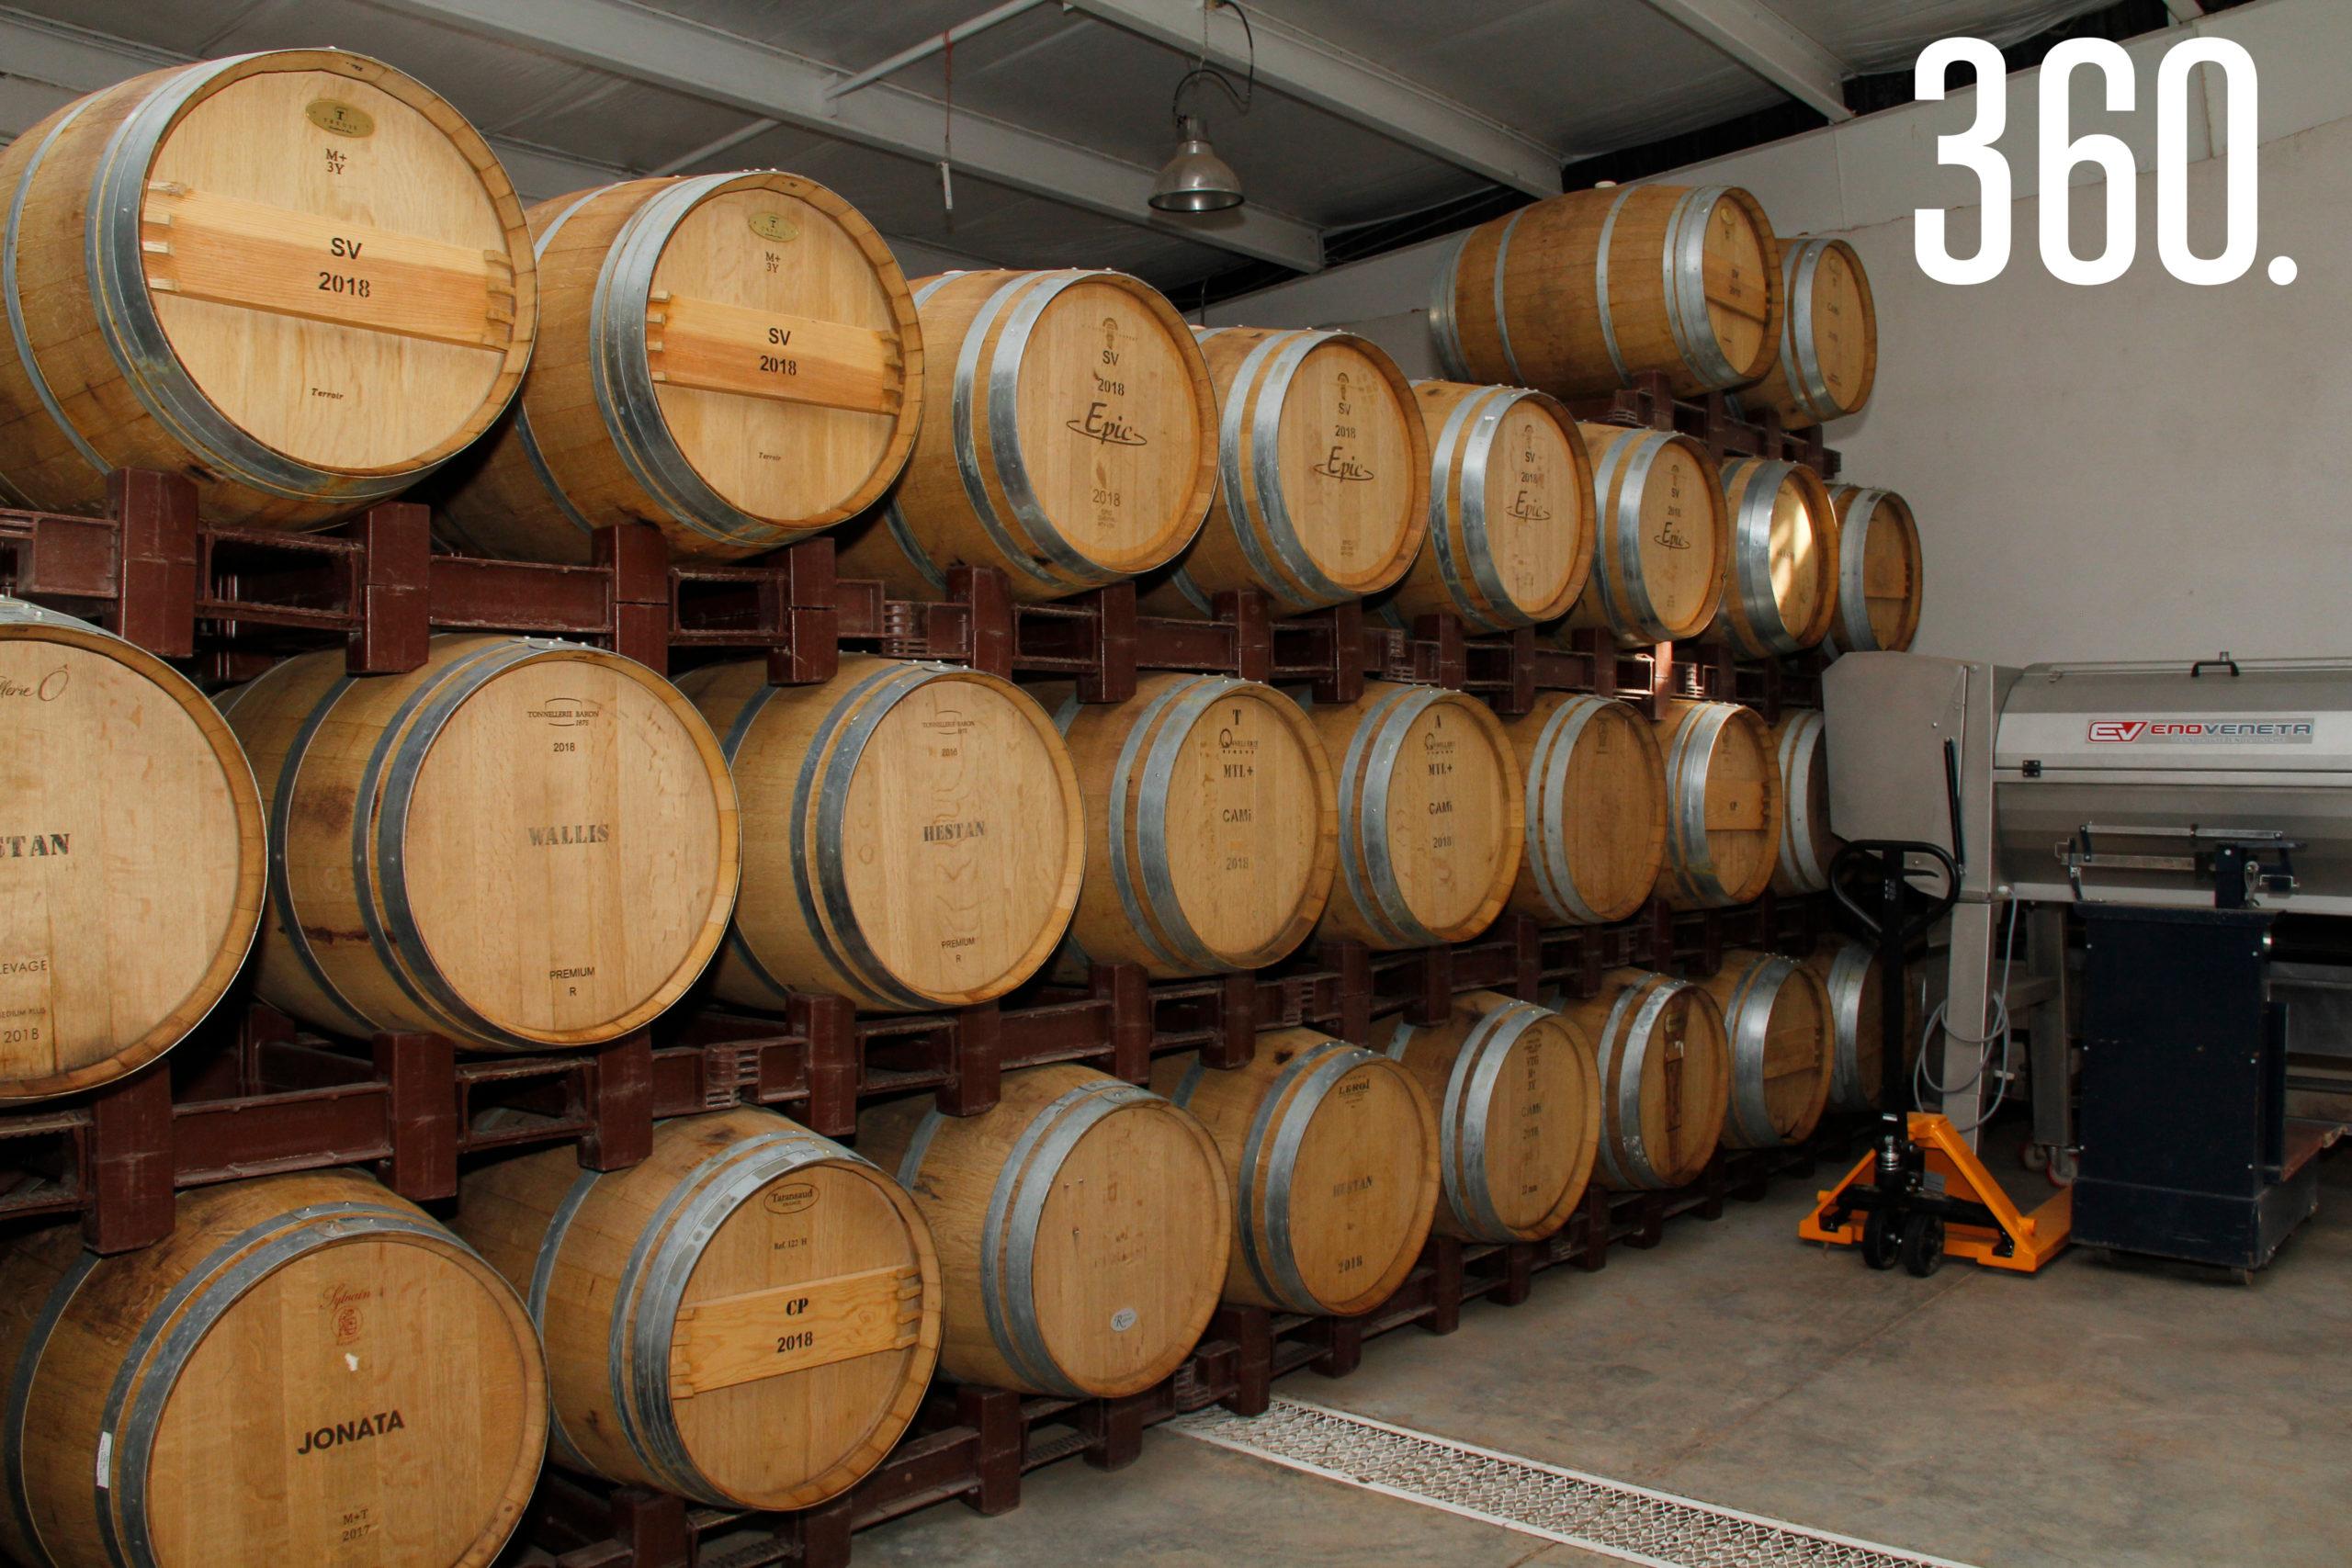 Después de la cosecha, los jugos de la uva se conservan en las barricas para darle cuerpo y sabor.